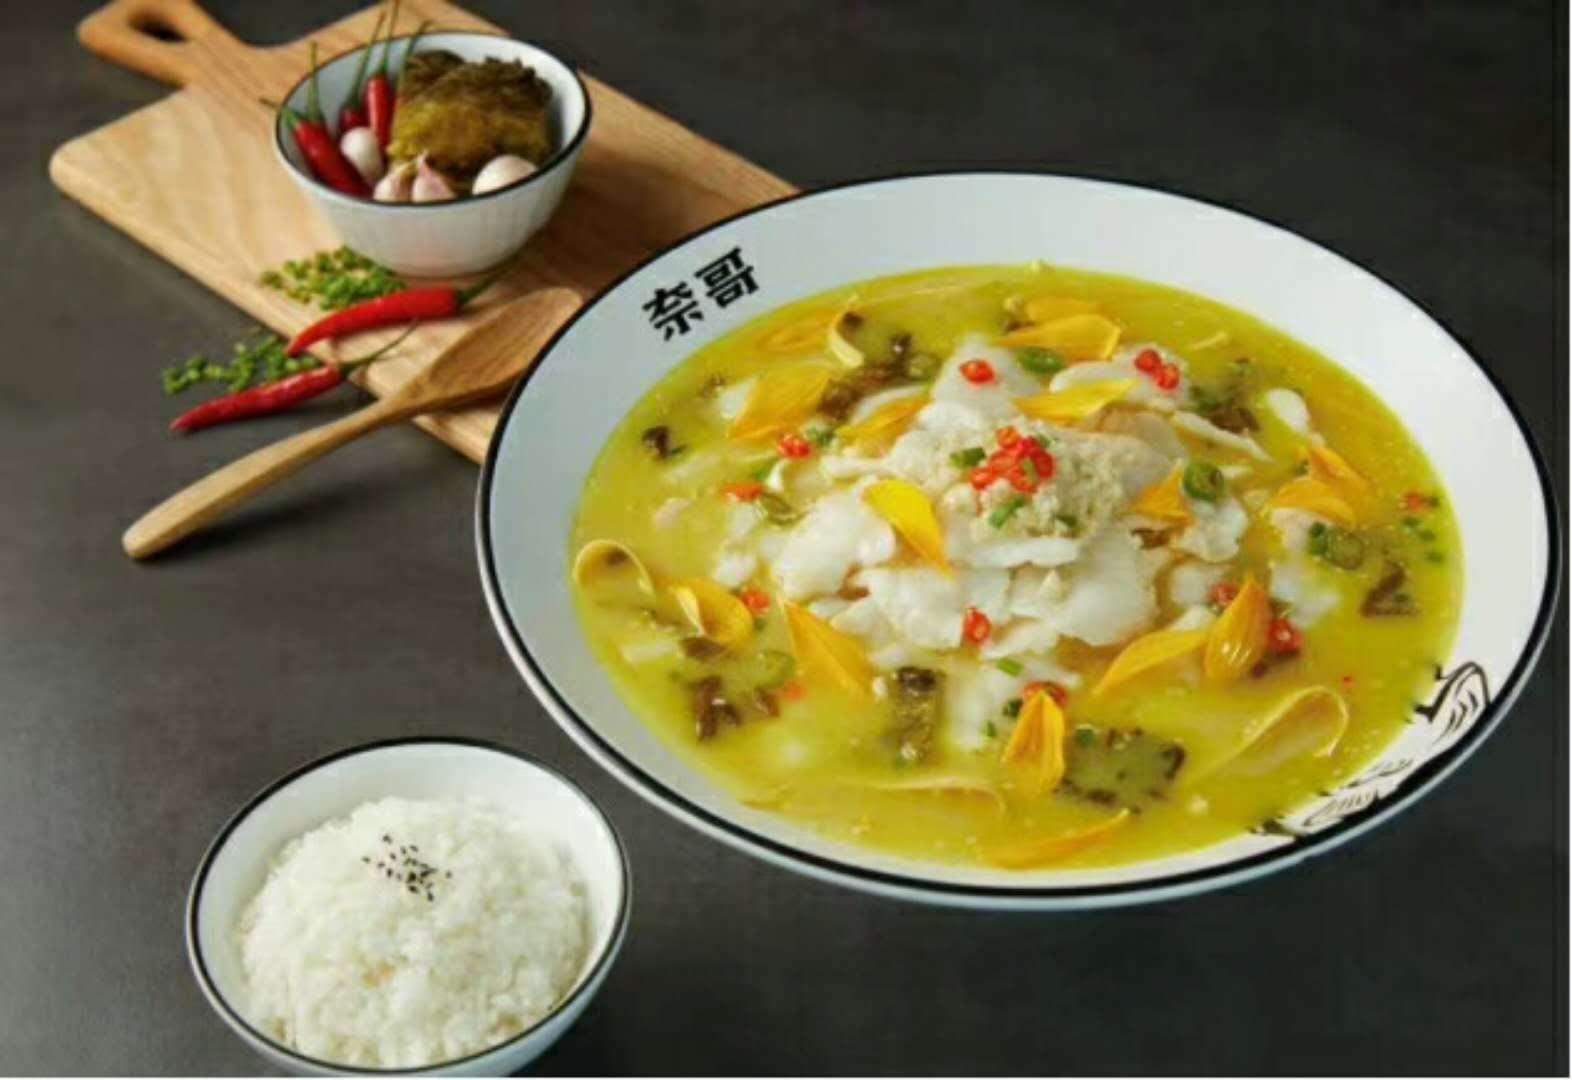 酸菜鱼米饭加盟排名